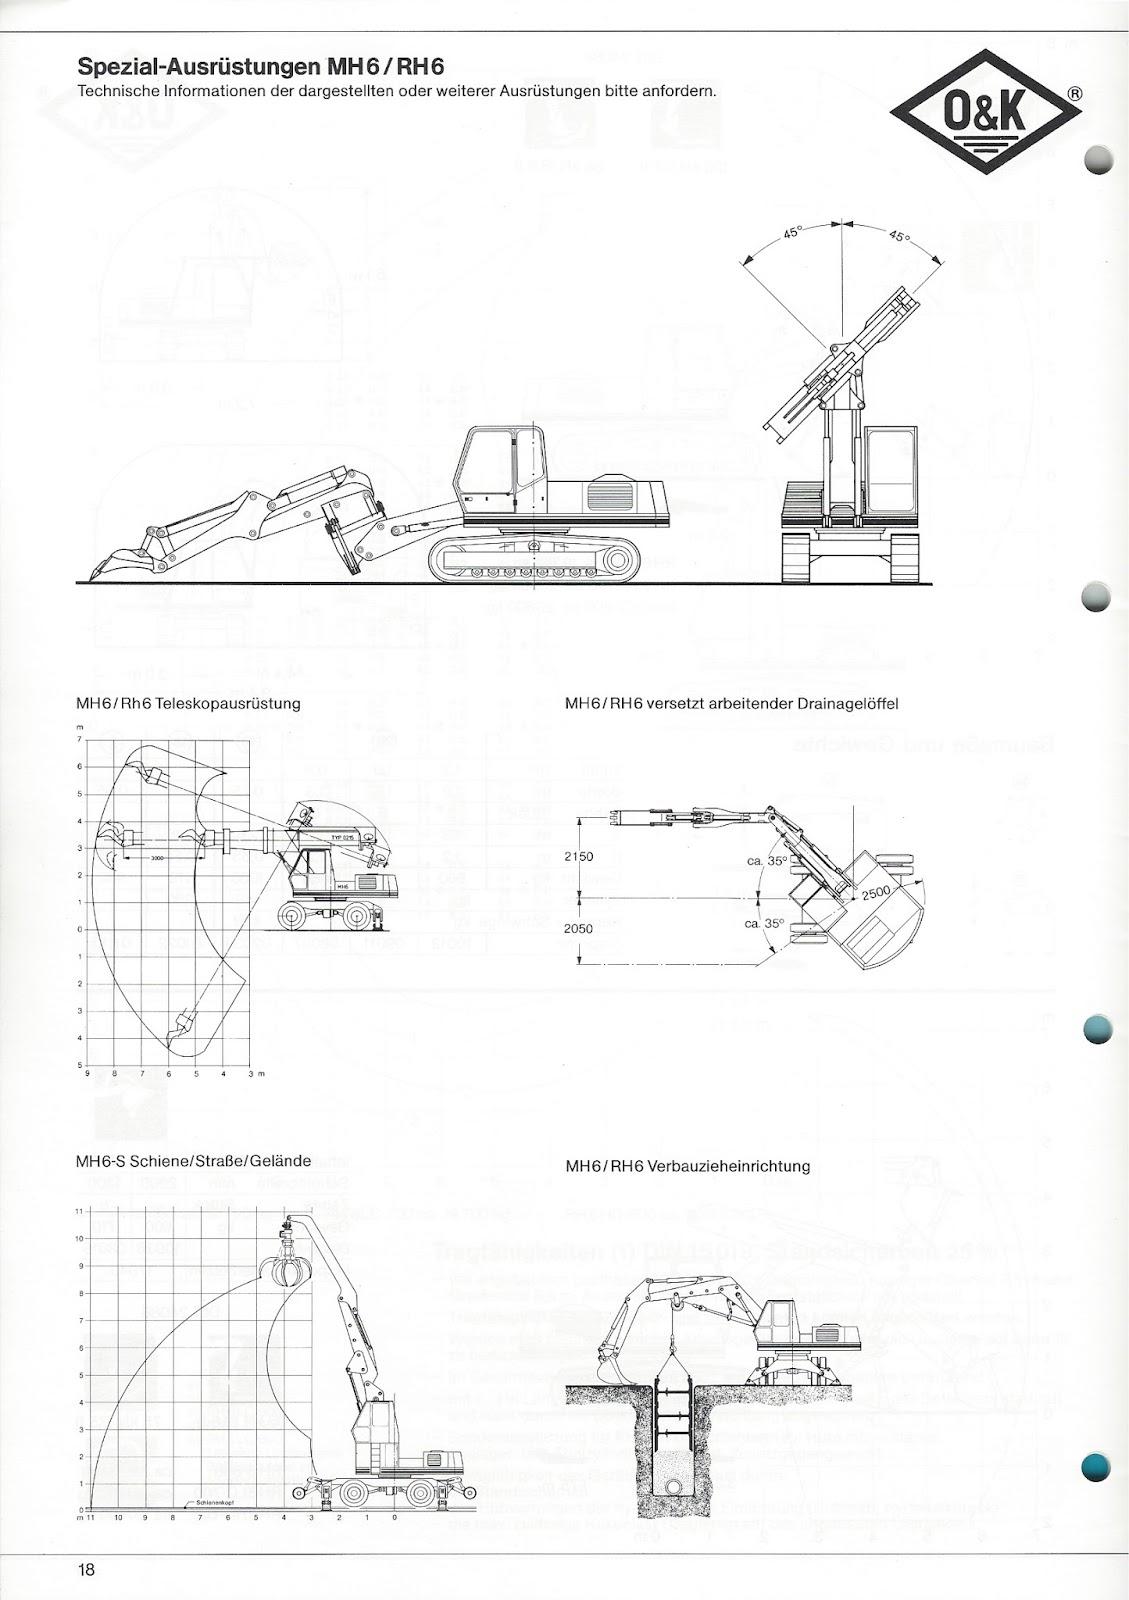 Rs O Amp K Baumaschinen O Amp K Rh 6 Technische Daten